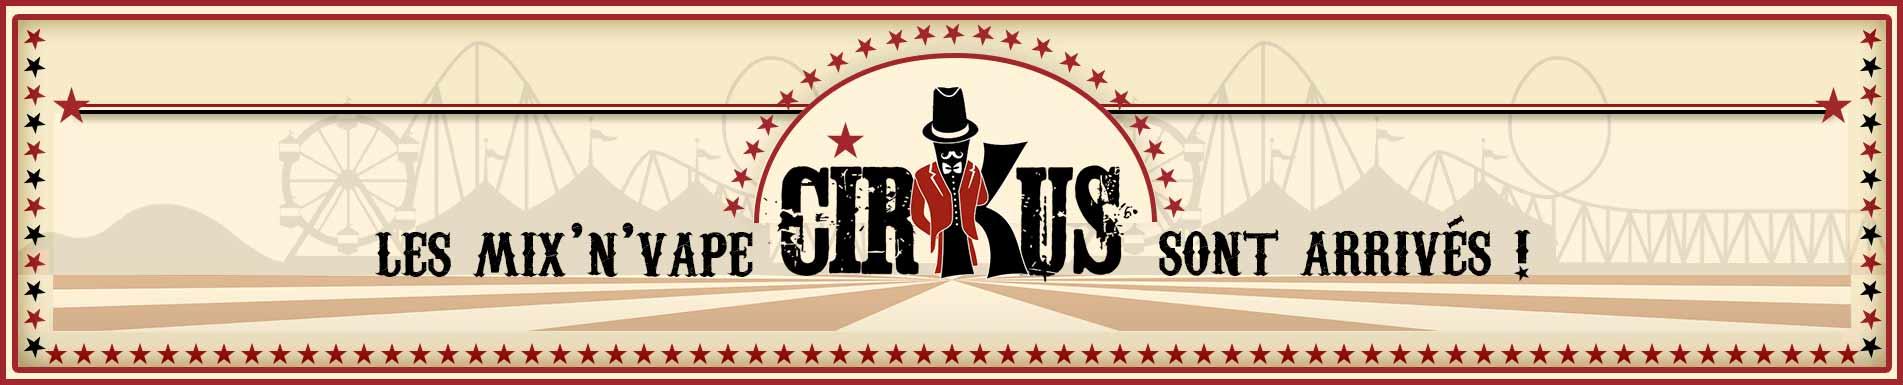 e liquide vincent dans les vapes authentic cirkus vdlv